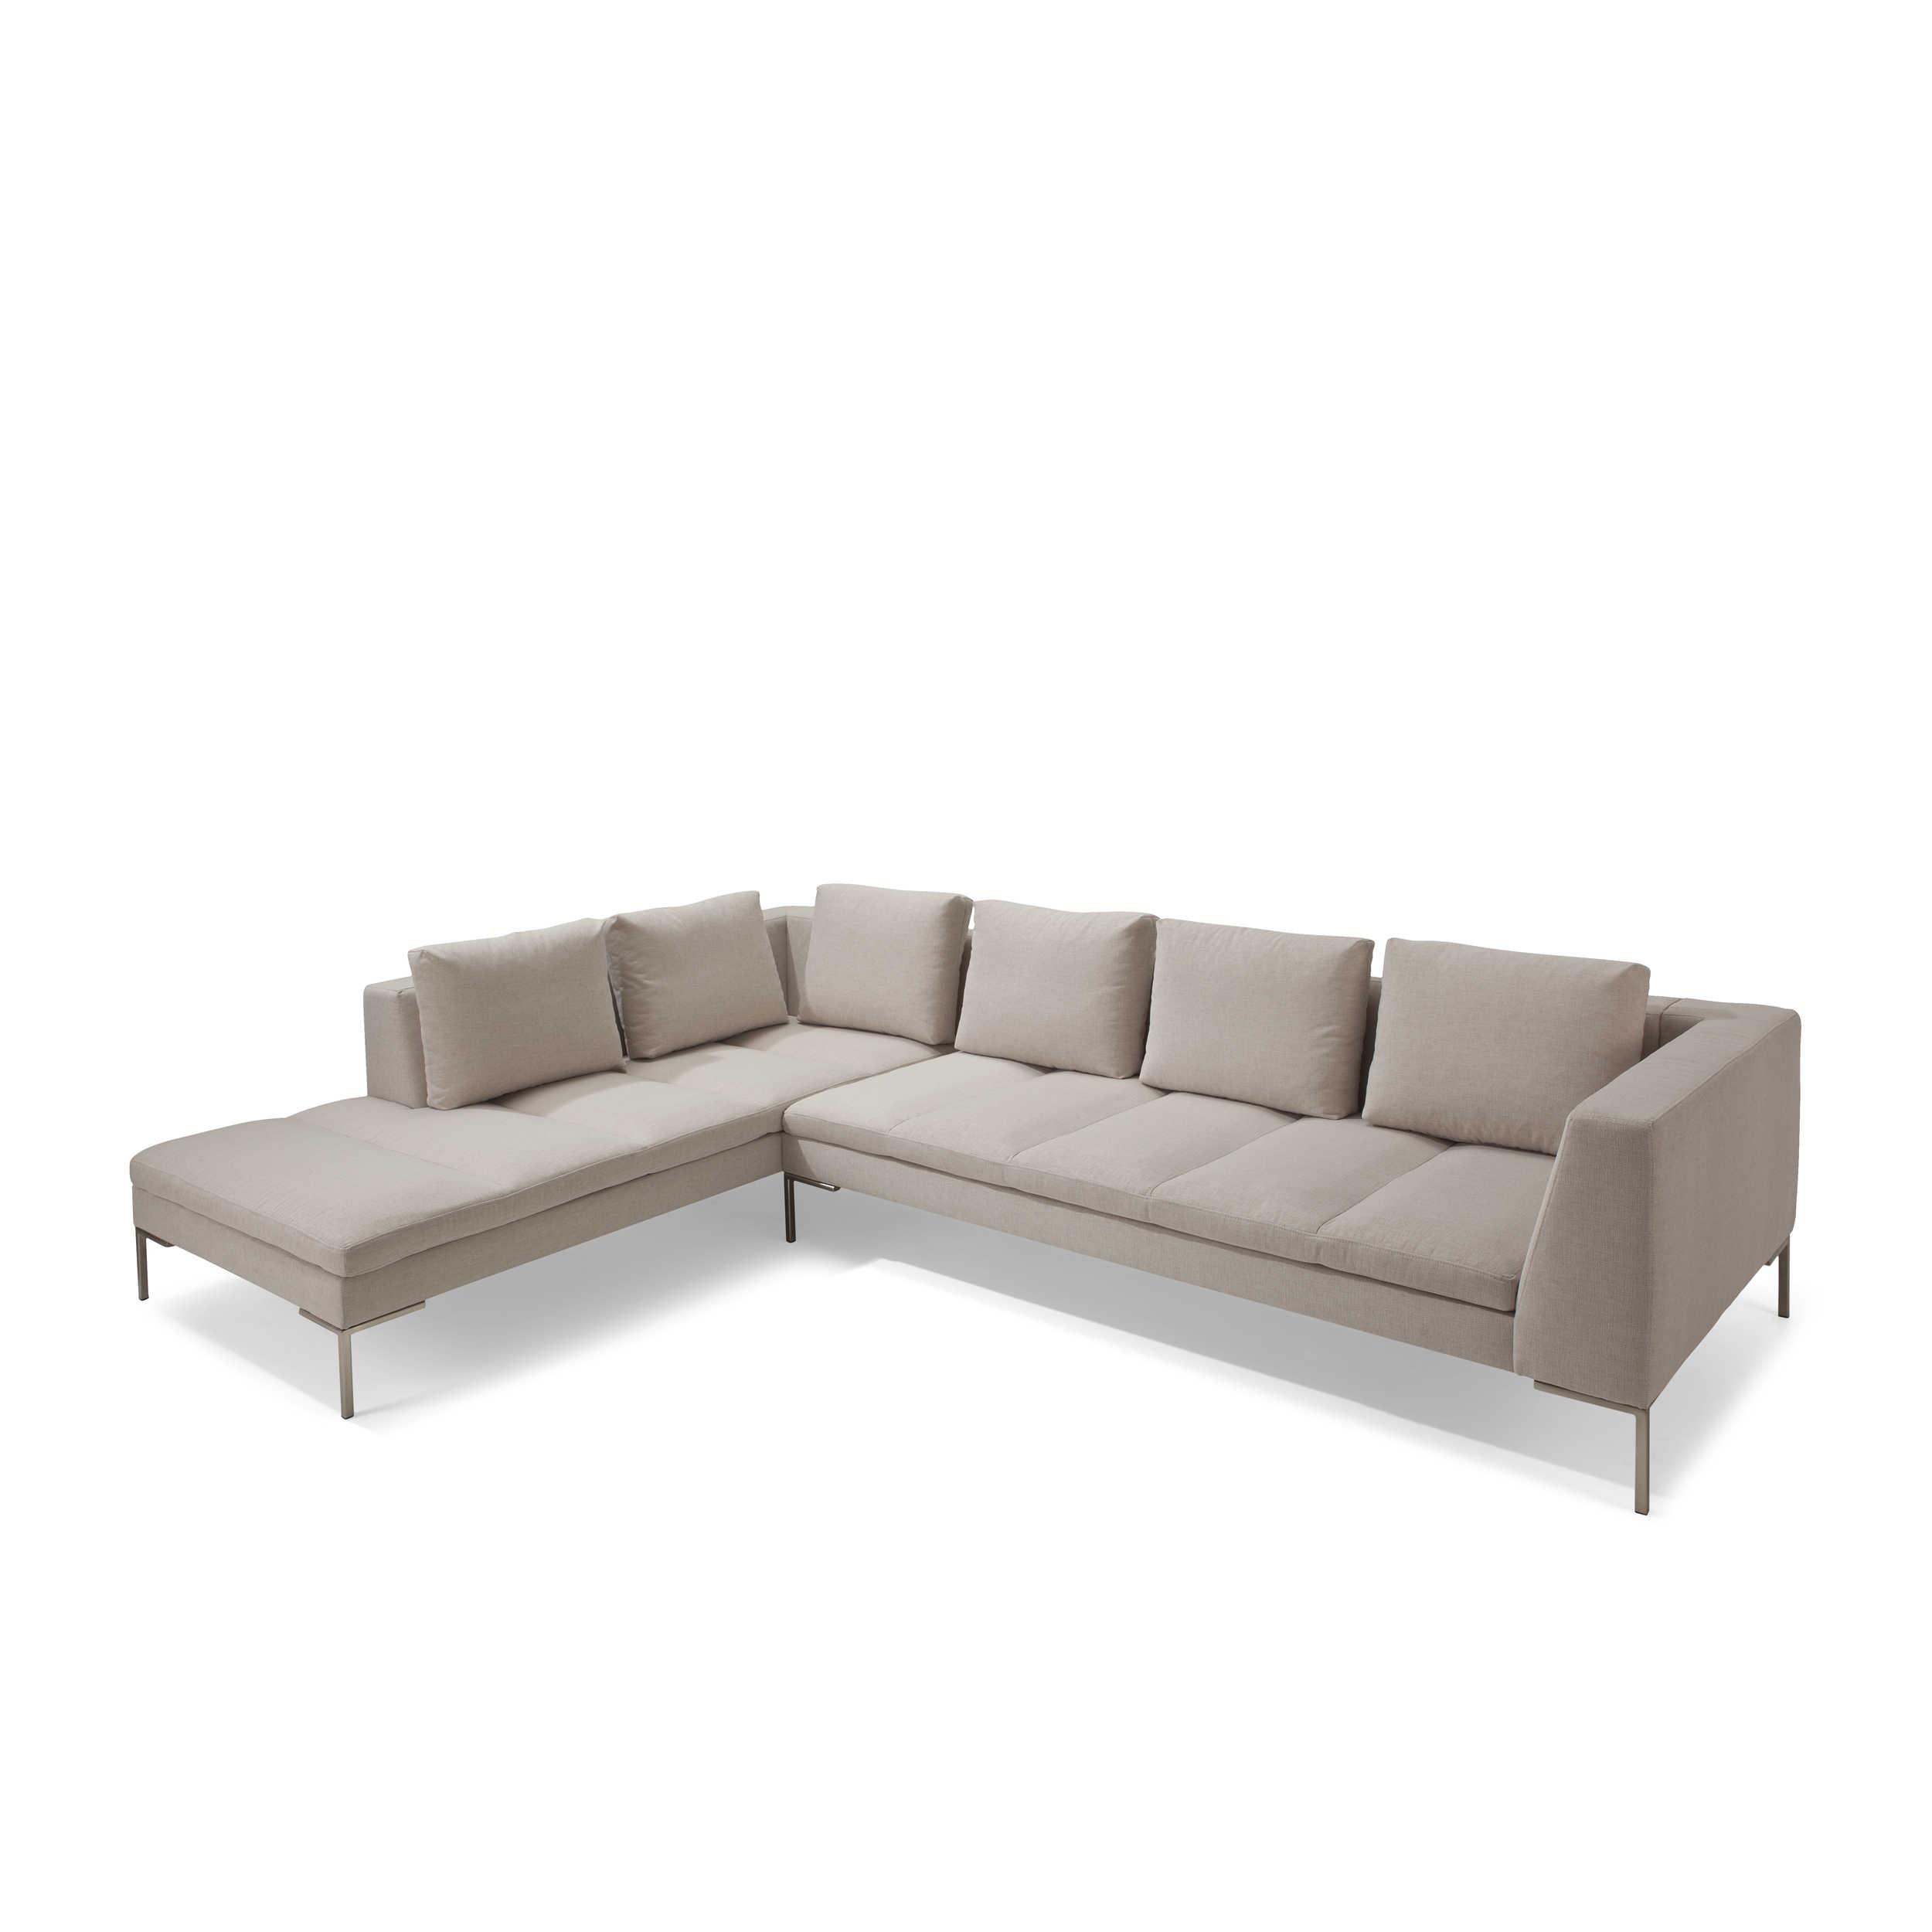 theca ecksofa mondovi beige stoff online kaufen bei woonio. Black Bedroom Furniture Sets. Home Design Ideas